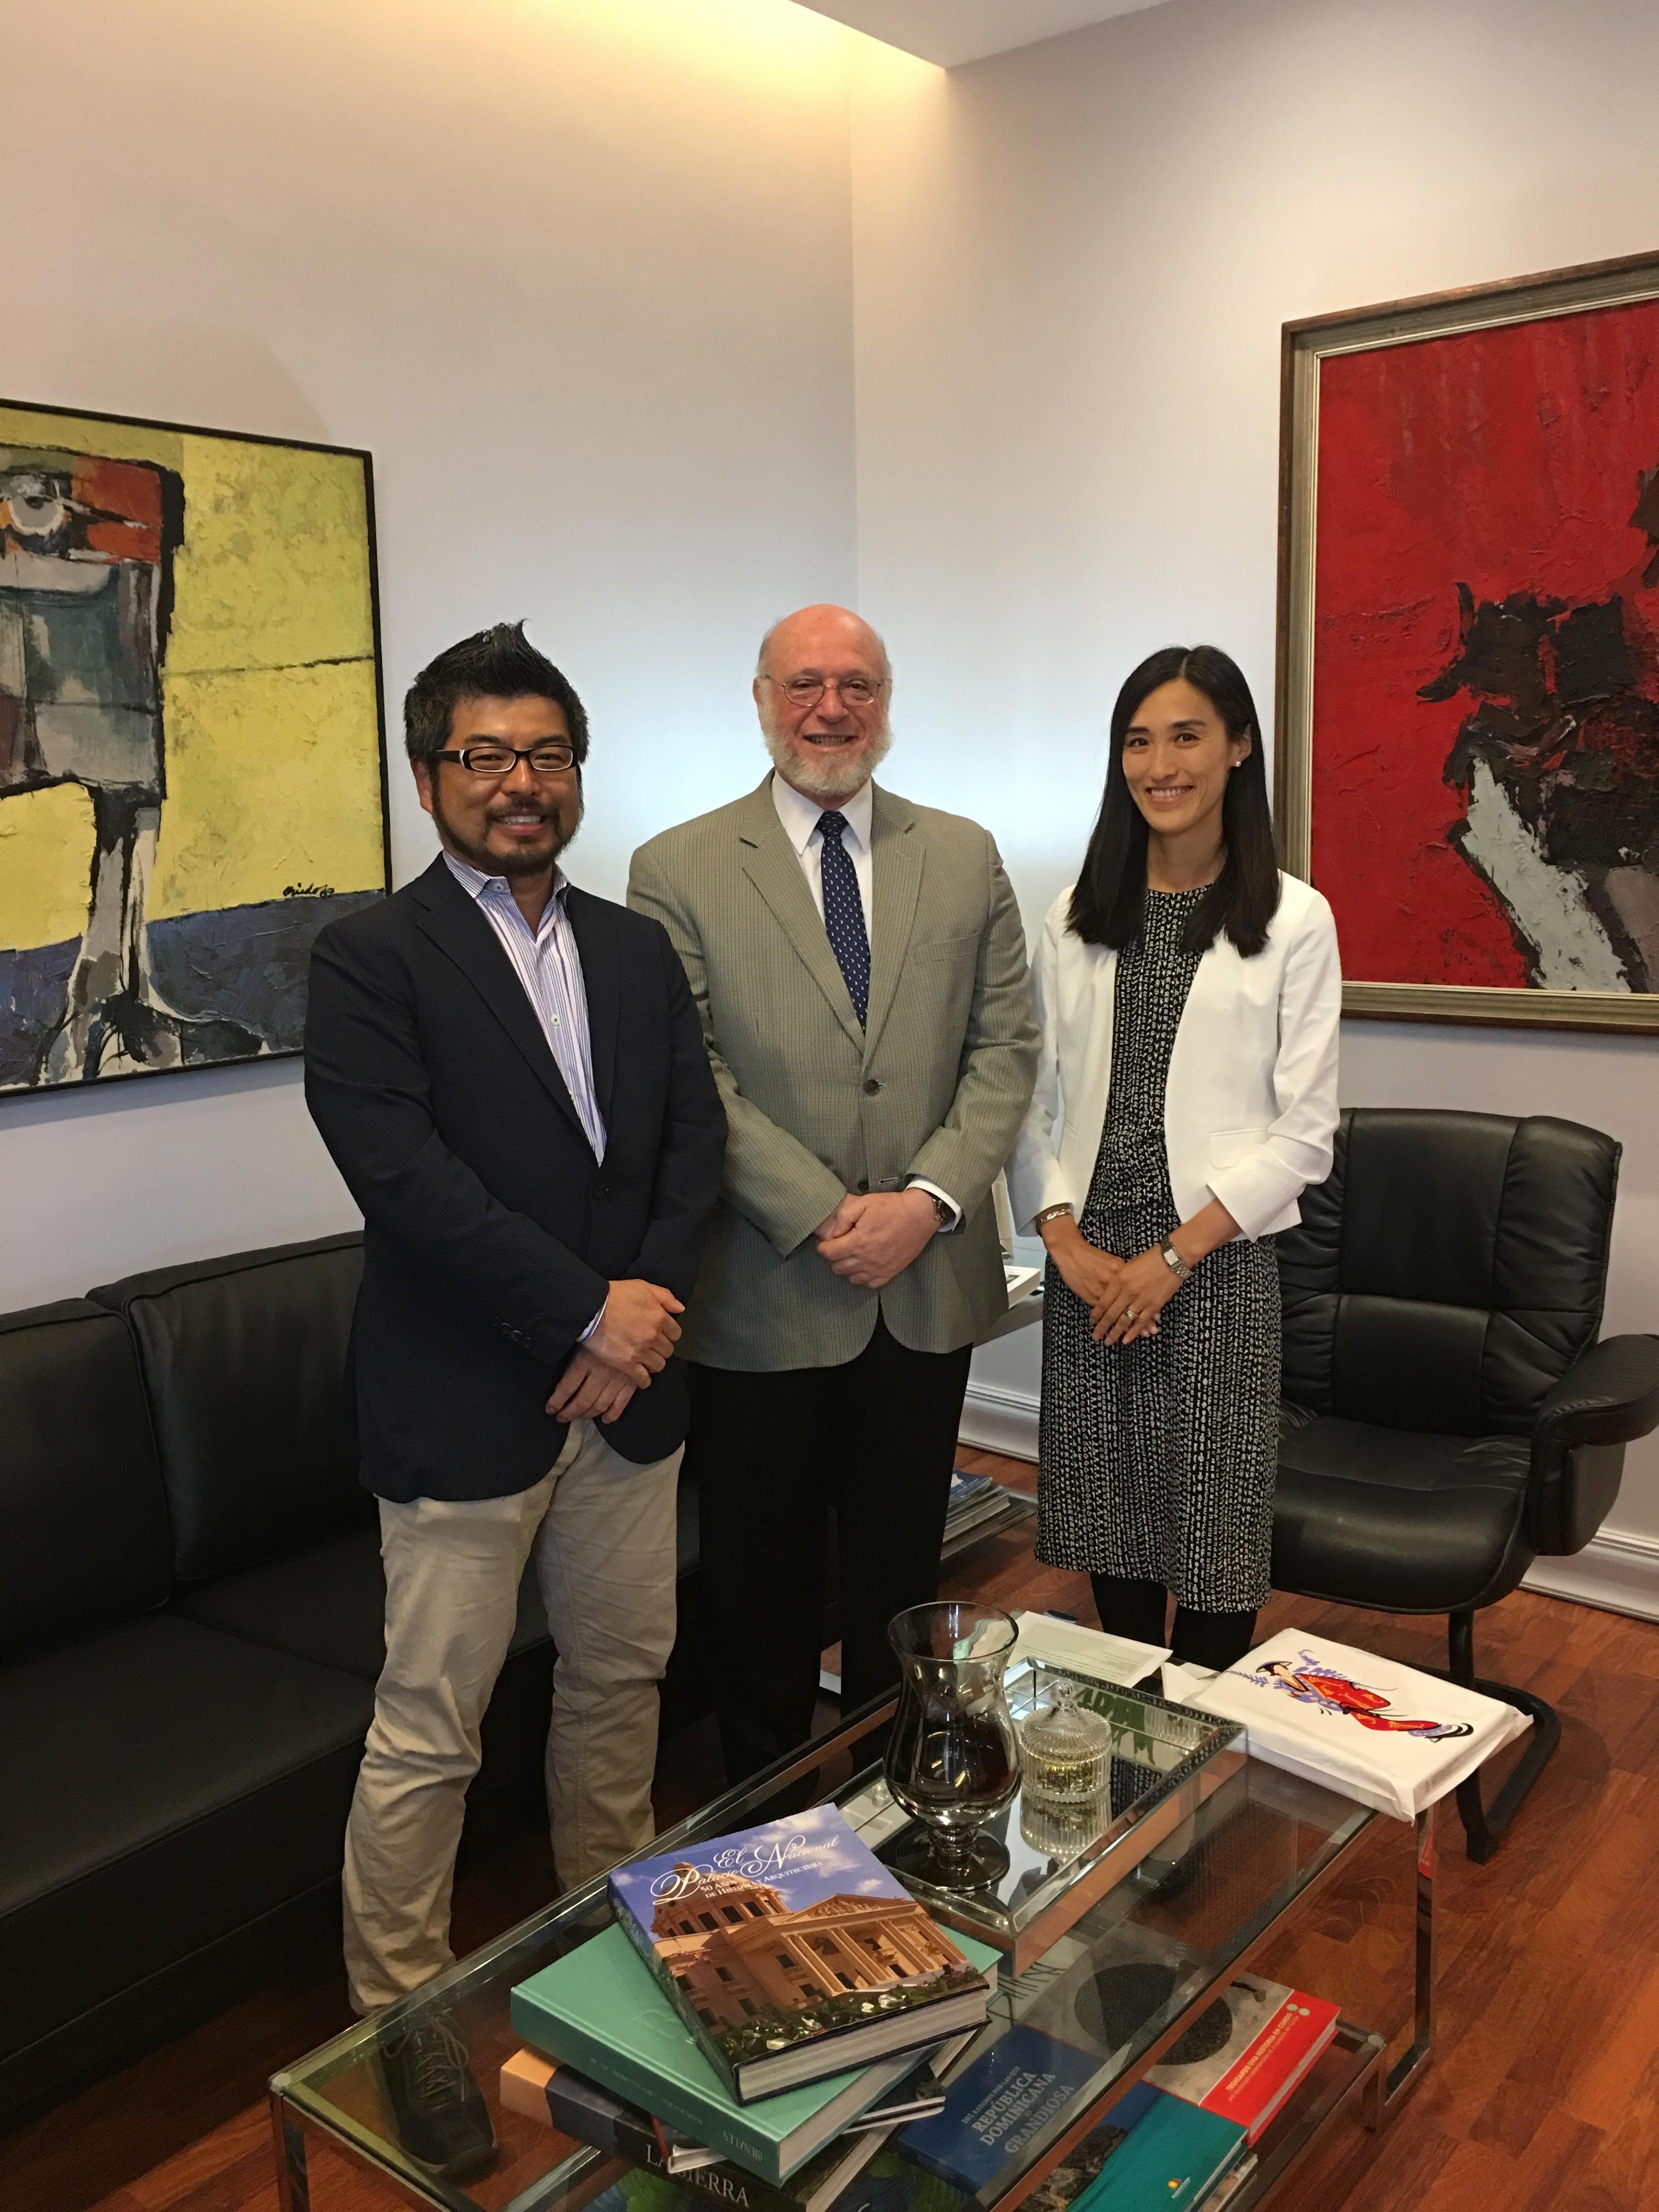 ペドロ・ベルヘス文化大臣との面会(Encuentro con el Dr. Pedro Vergés, el Ministro de la Cultura)